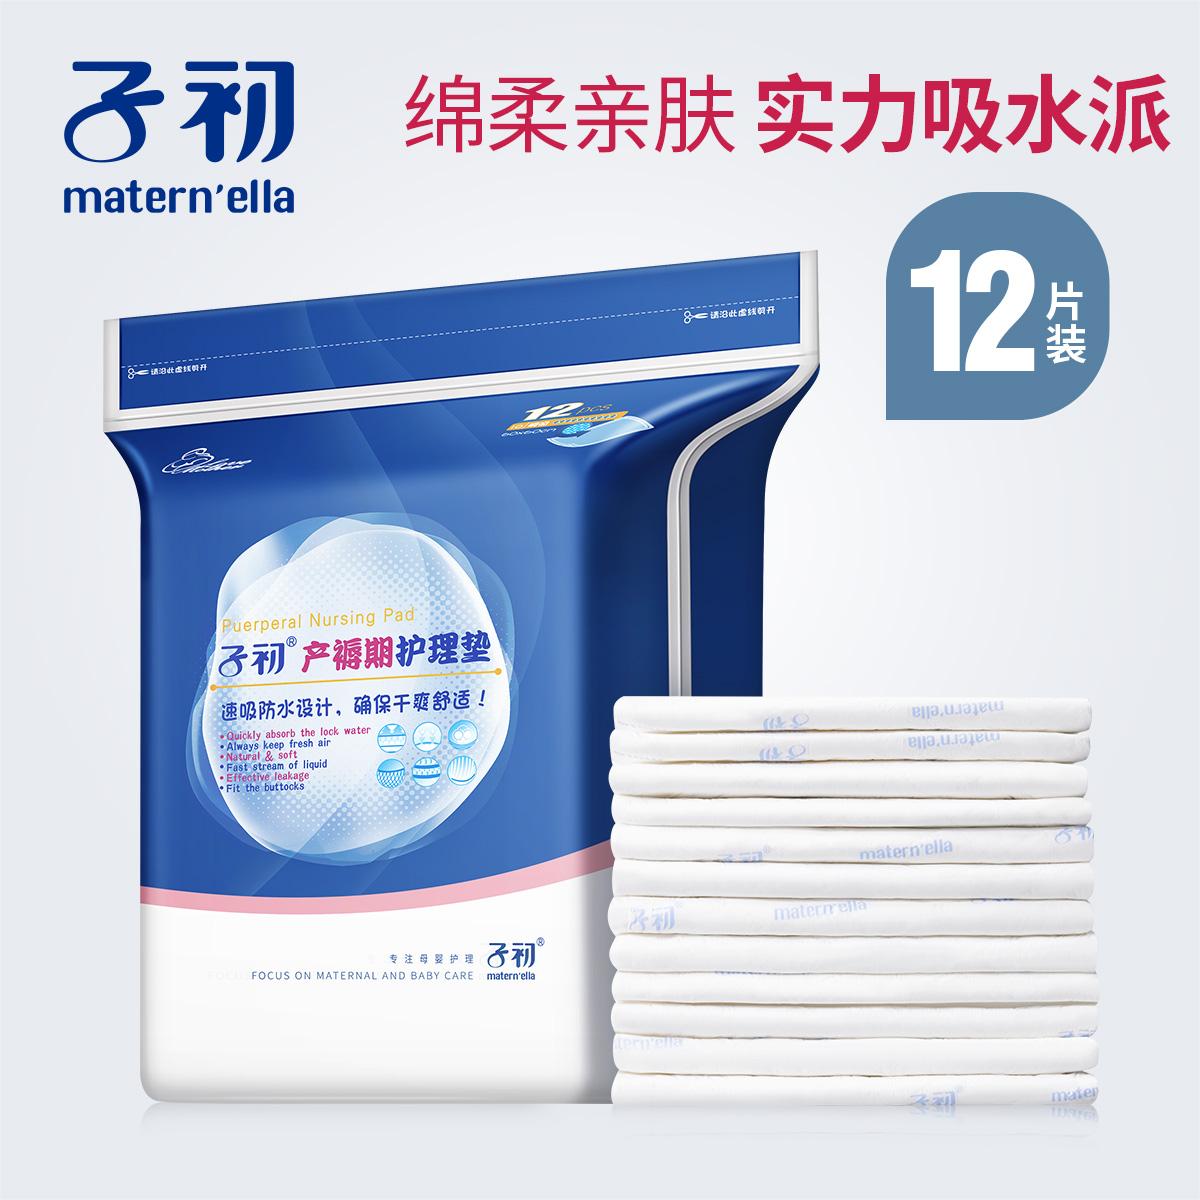 子初产褥垫孕产妇护理垫产后一次性床单防水看护垫12片成人隔尿垫